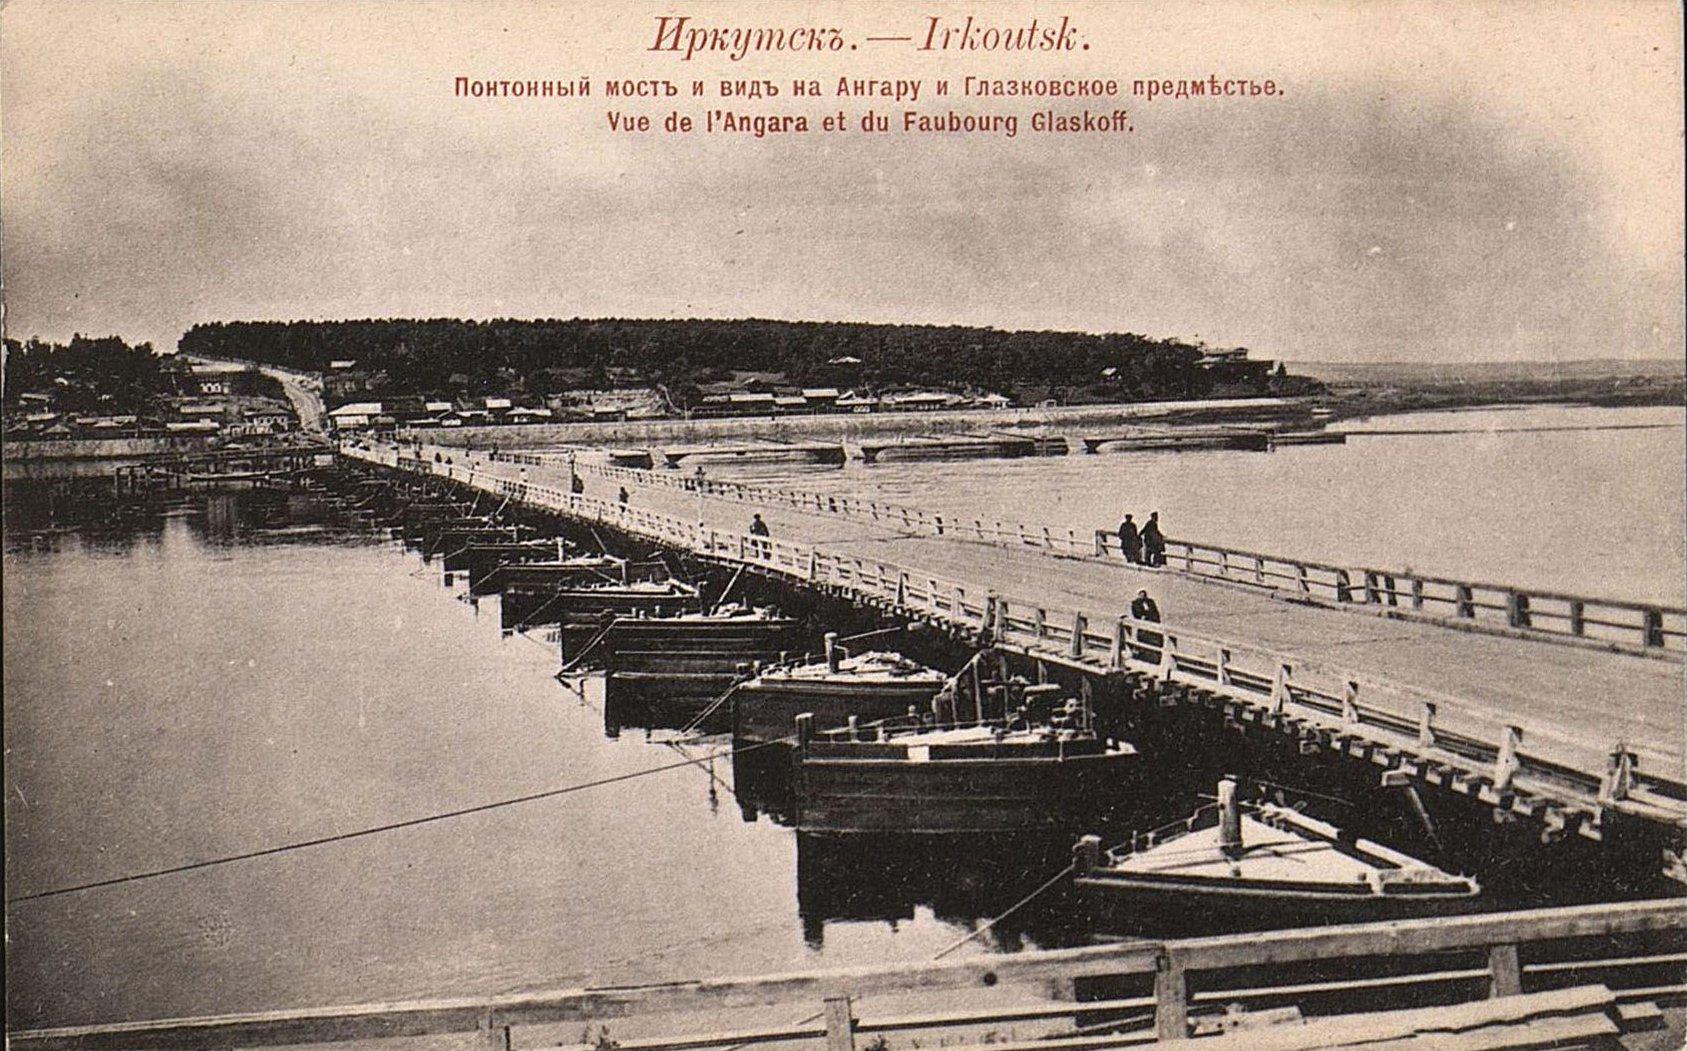 Понтоный мост и вид на Ангару и Глазковское предместье